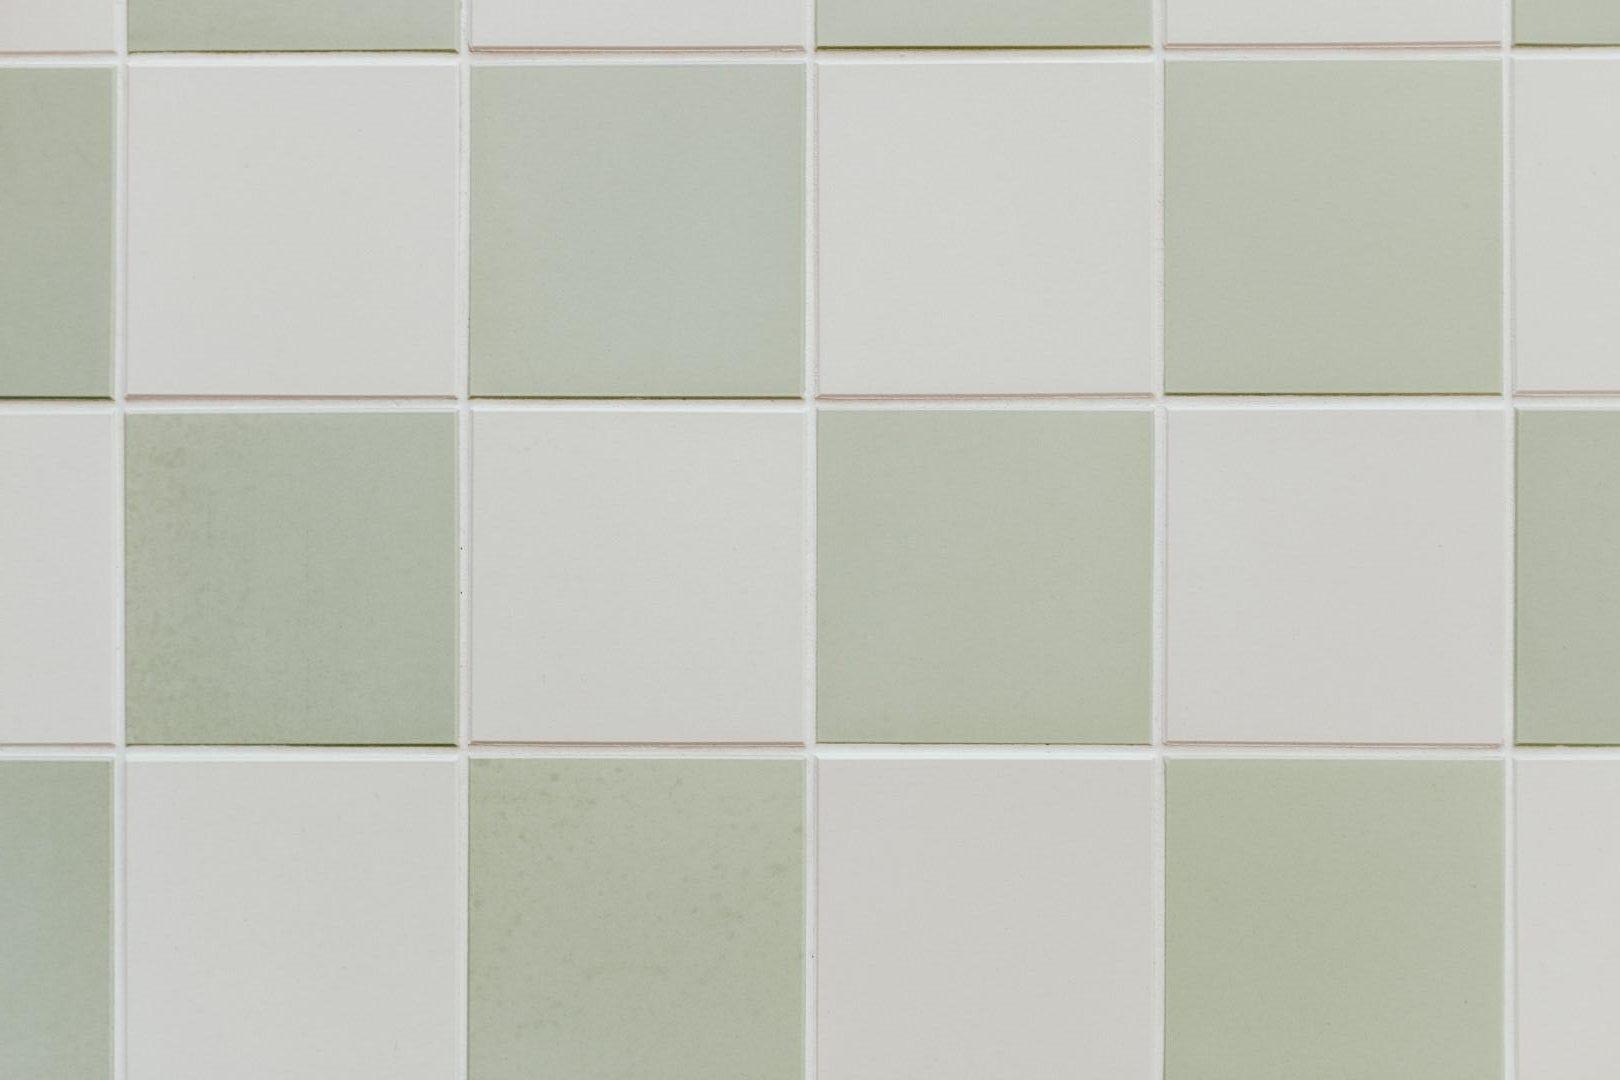 10 wskazówek dotyczących wyboru płytki do łazienki, która jest idealna dla Ciebie 2020